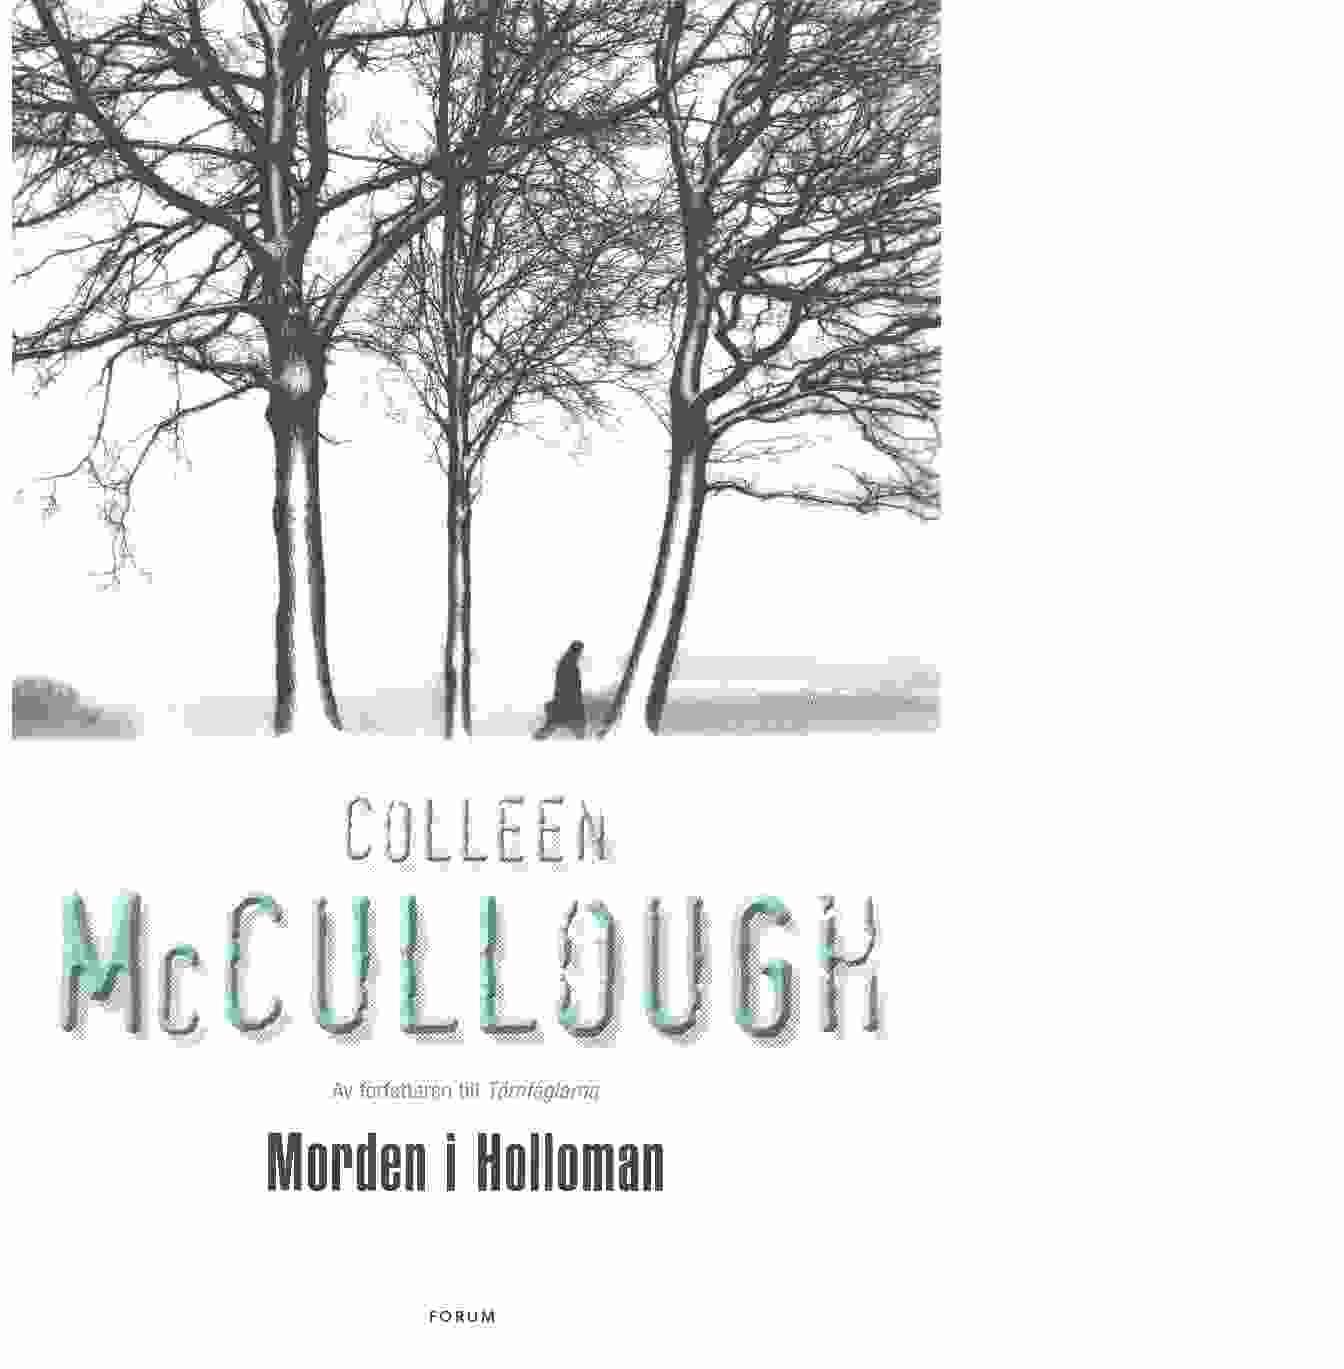 Morden i Holloman - McCullough, Colleen